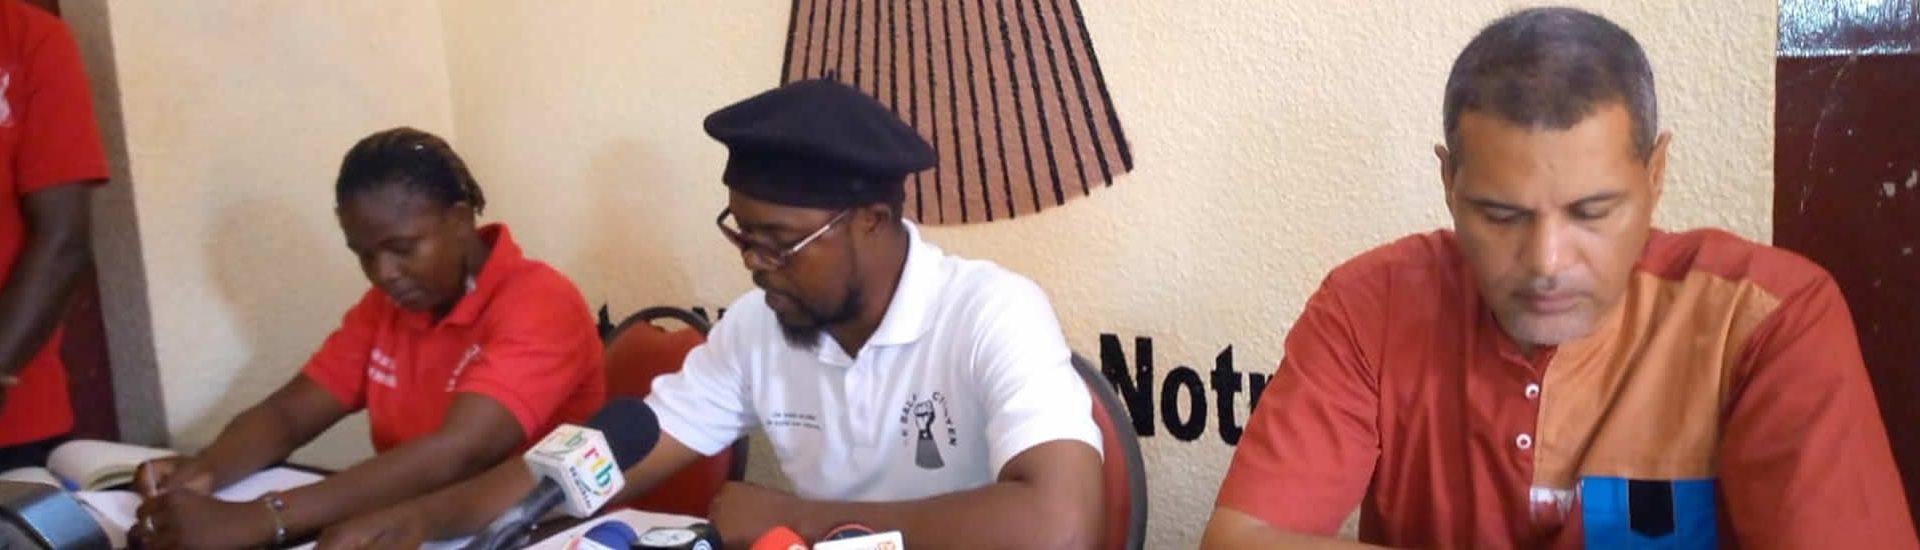 Burkina Faso: Le balai citoyen peint la situation actuelle du pays